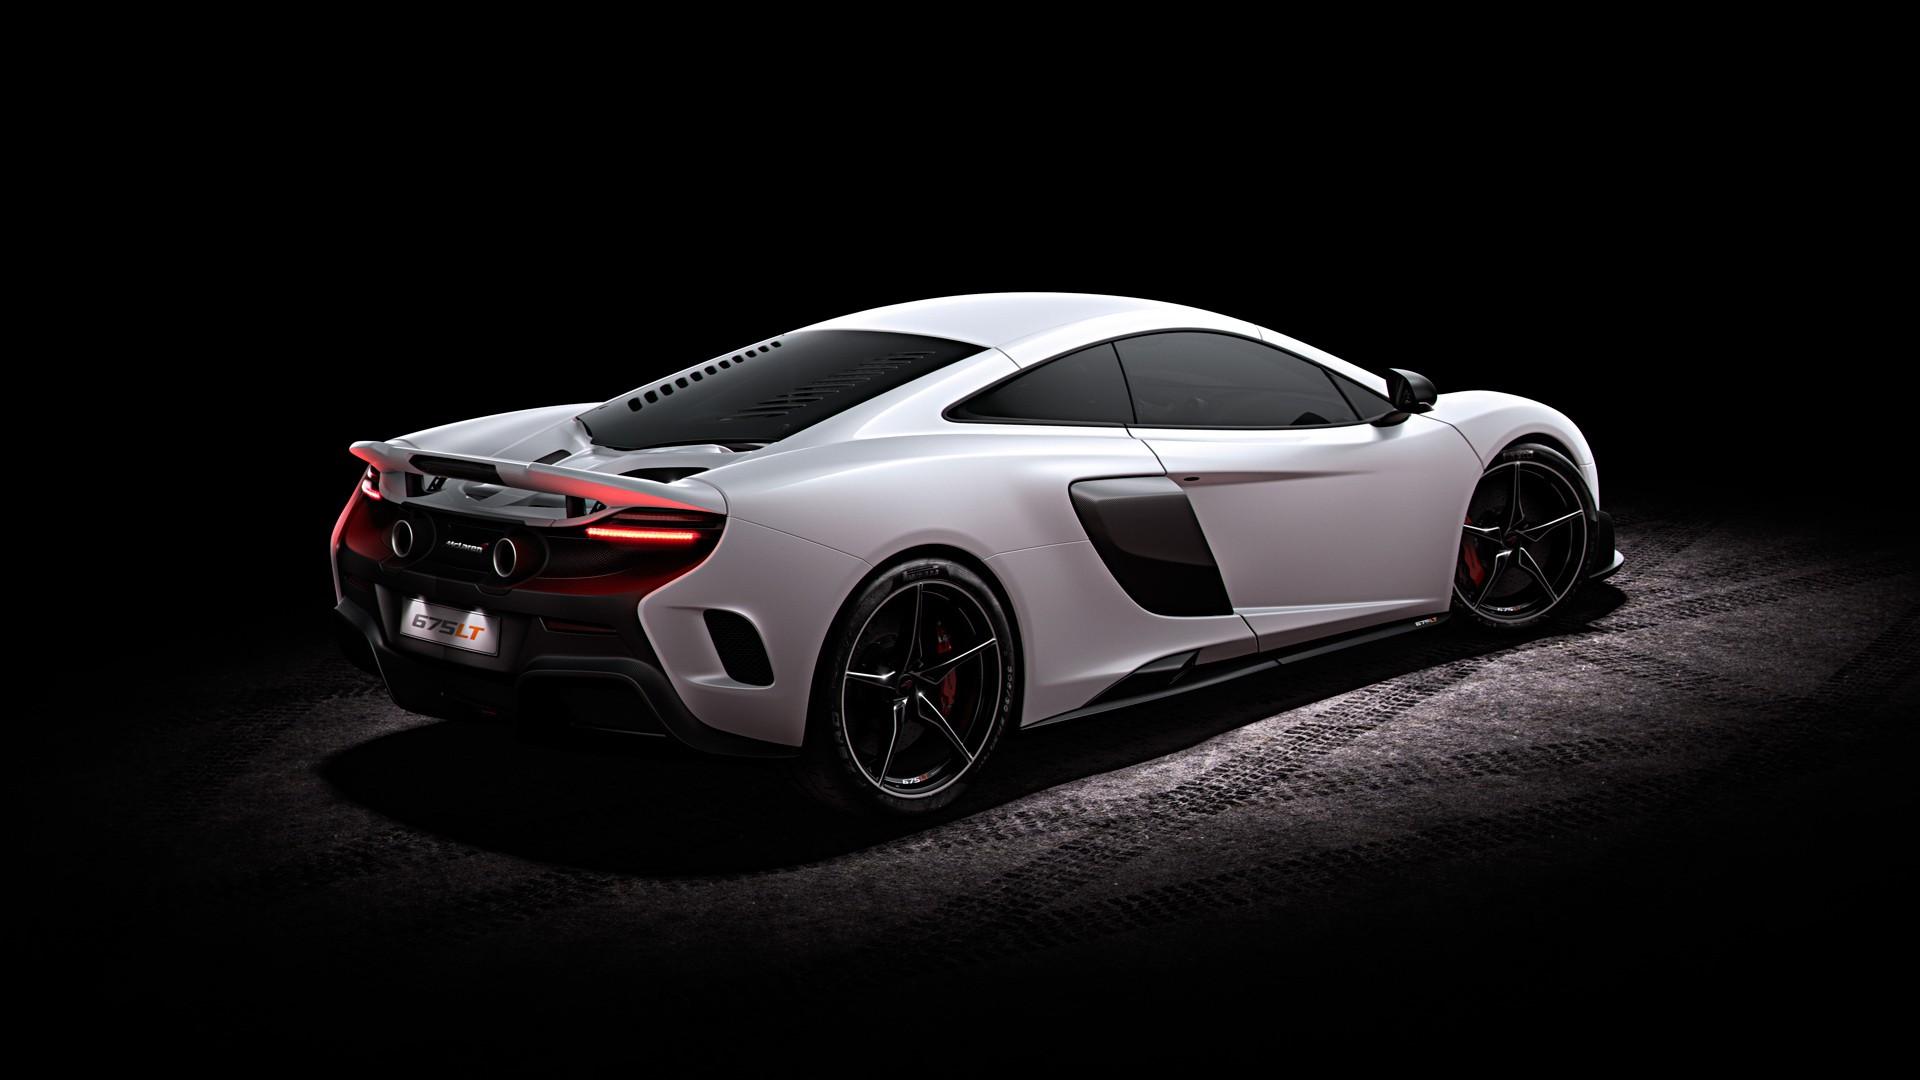 1920x1080 Px McLaren 675LT